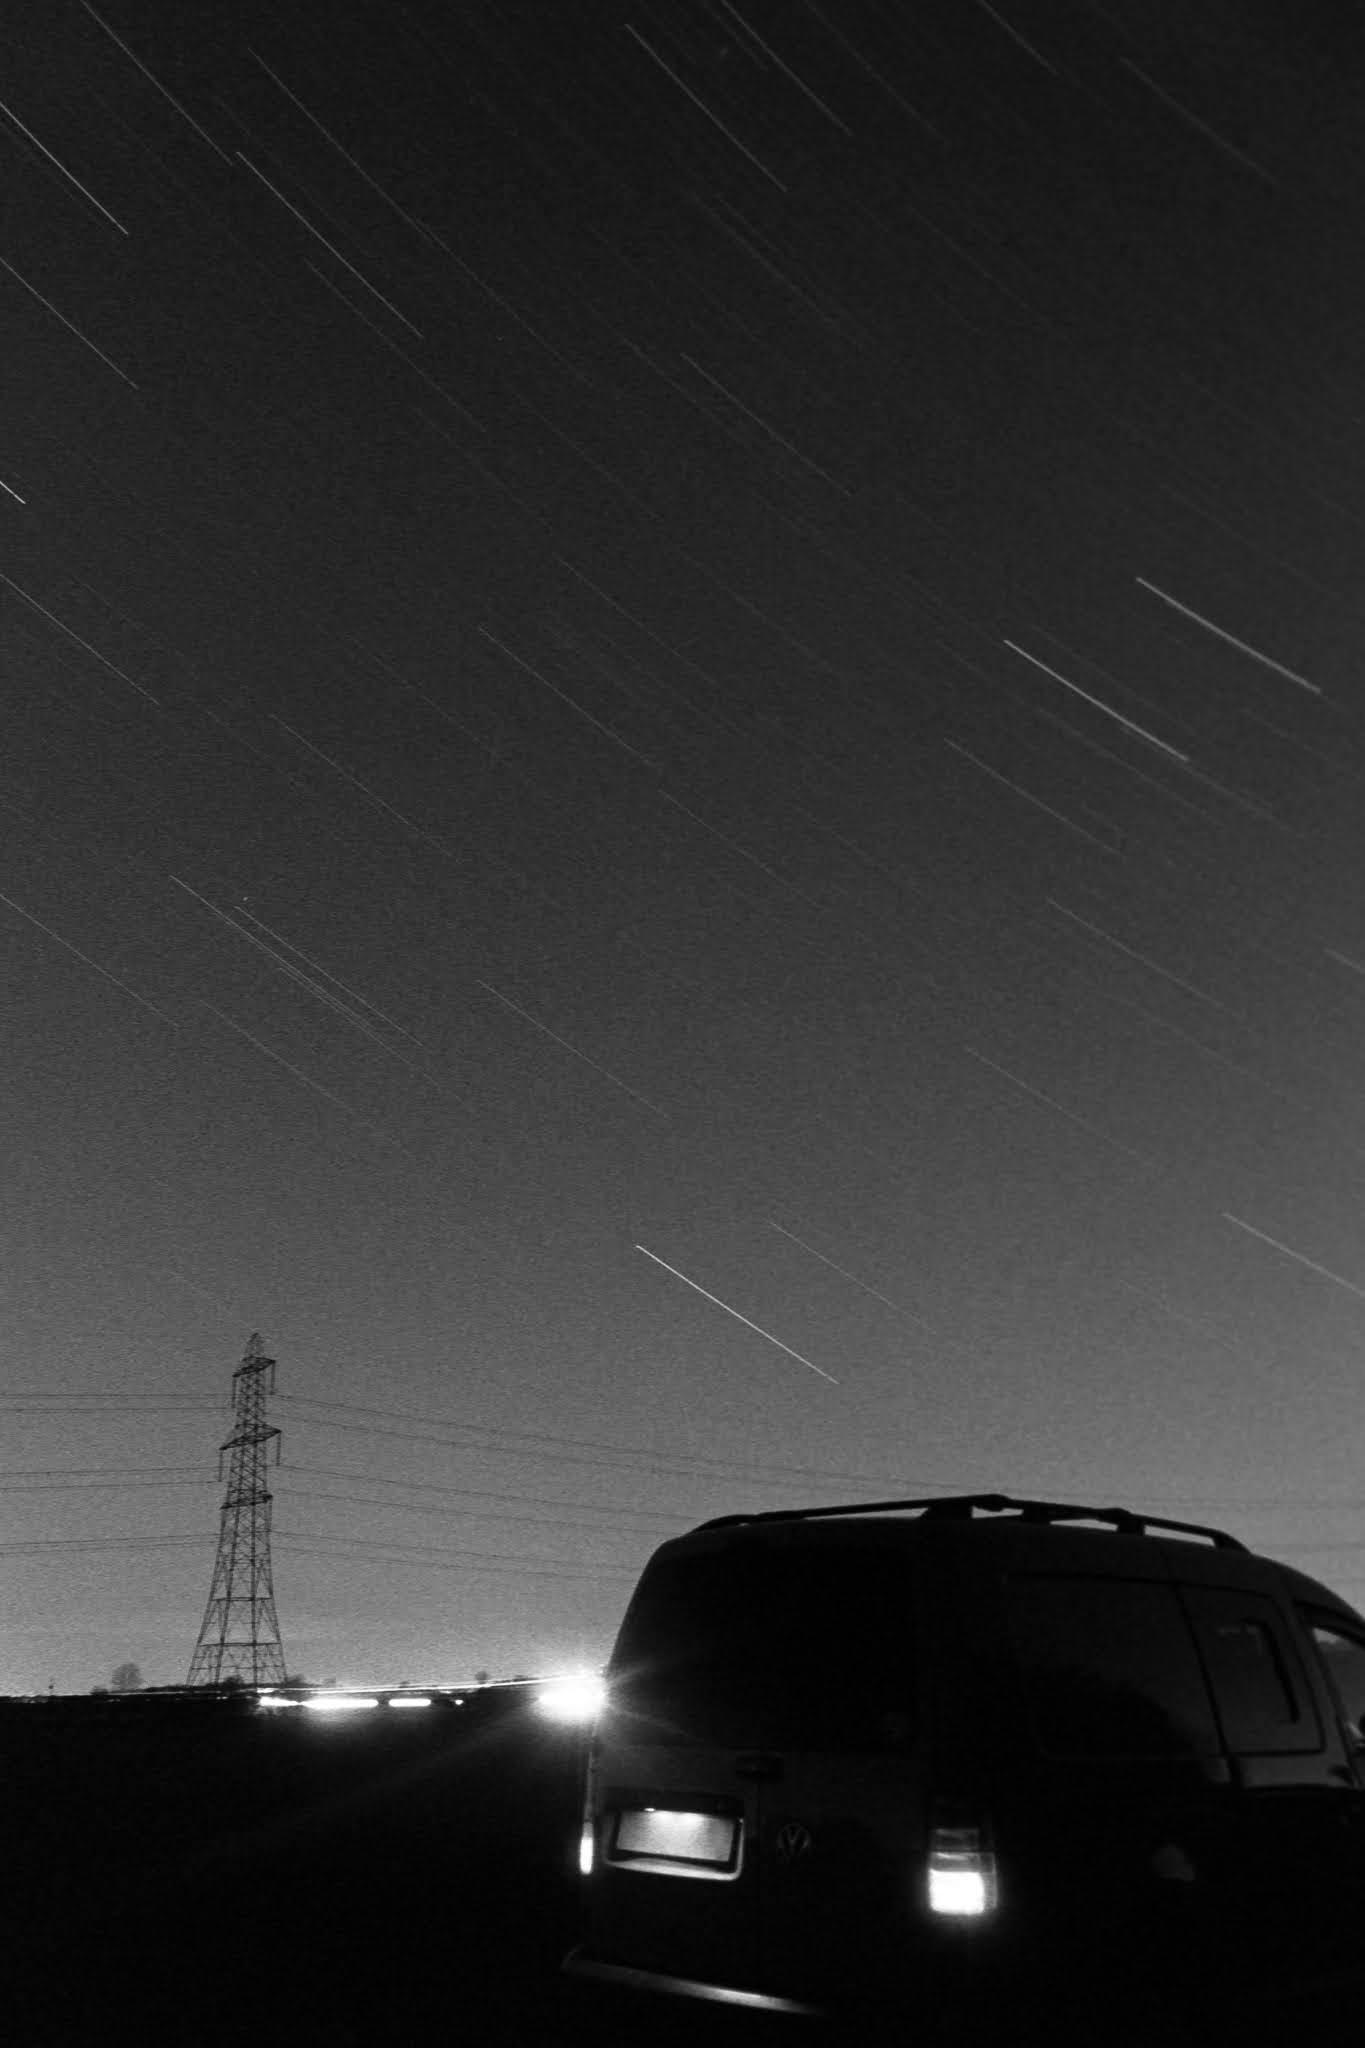 star trails on film